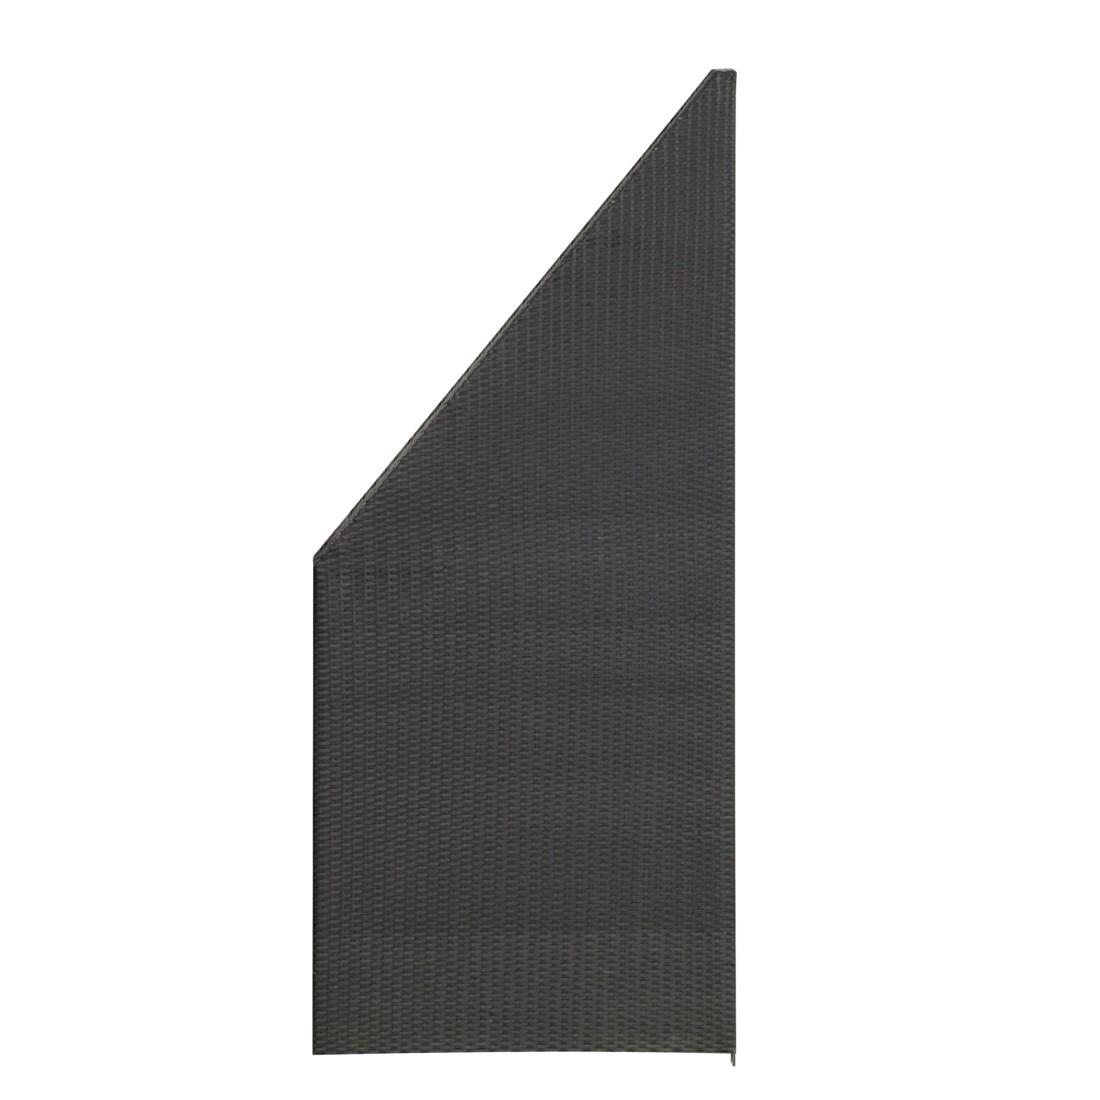 Sichtschutz-Element – 80 x 180/90 cm – Polyrattan – Anthrazit, Gartenfreude jetzt kaufen